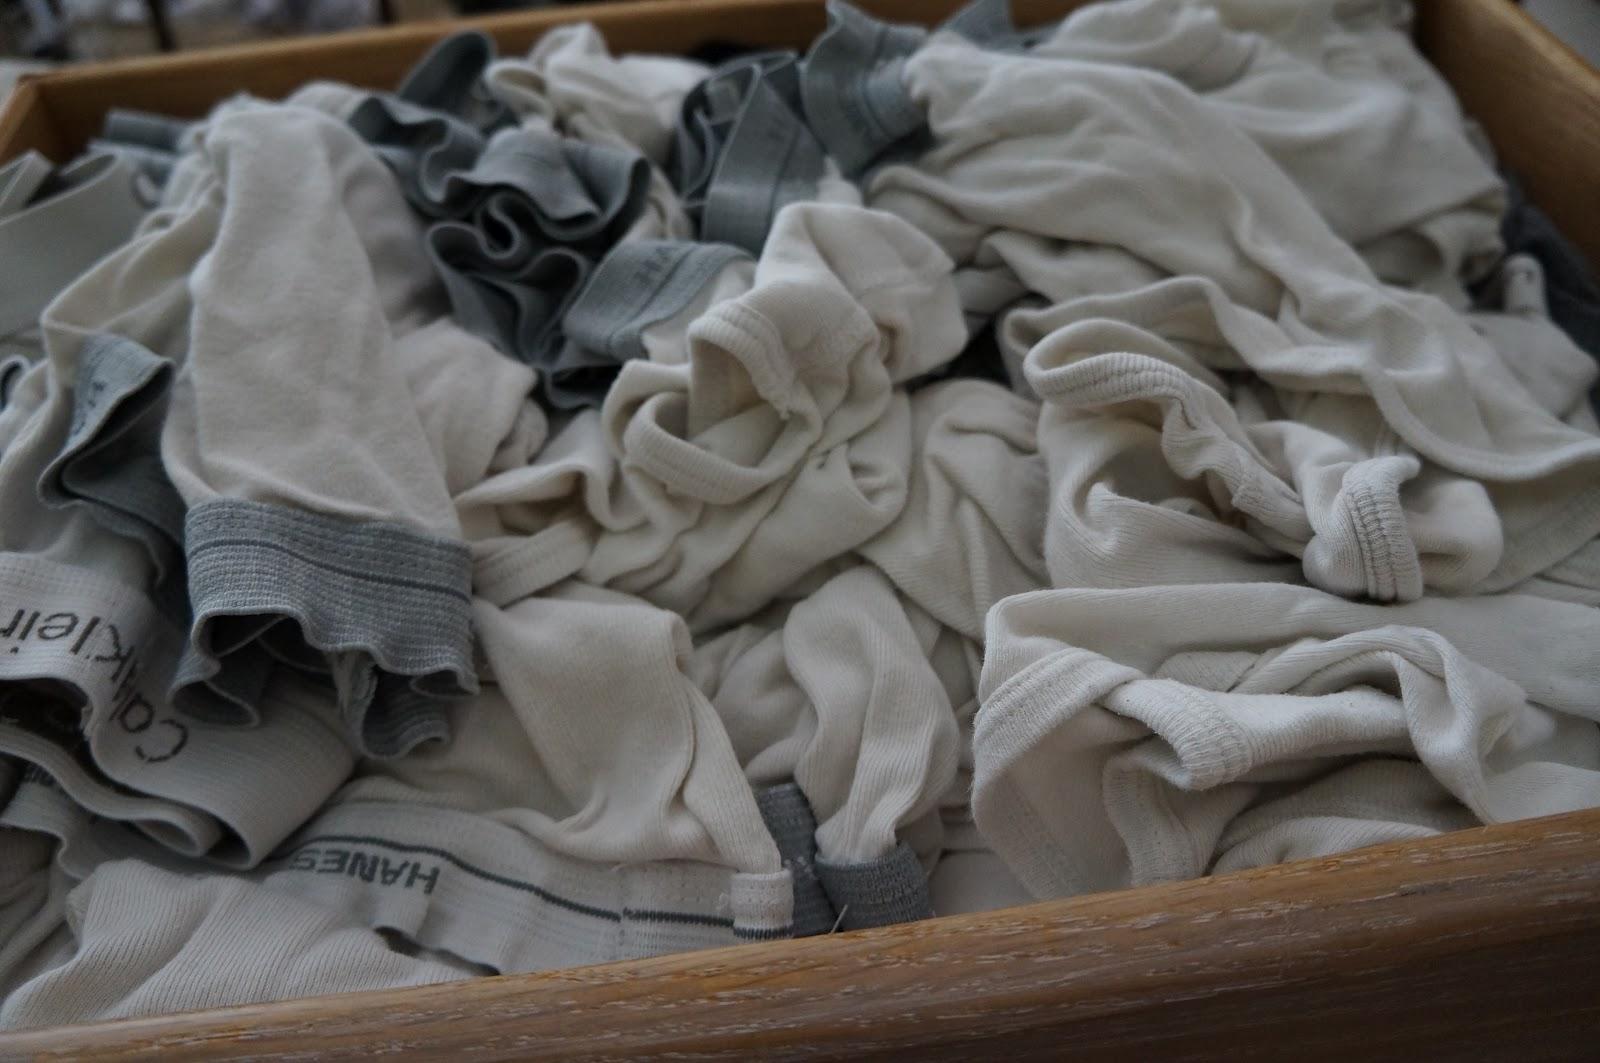 moms panty drawer tumblr